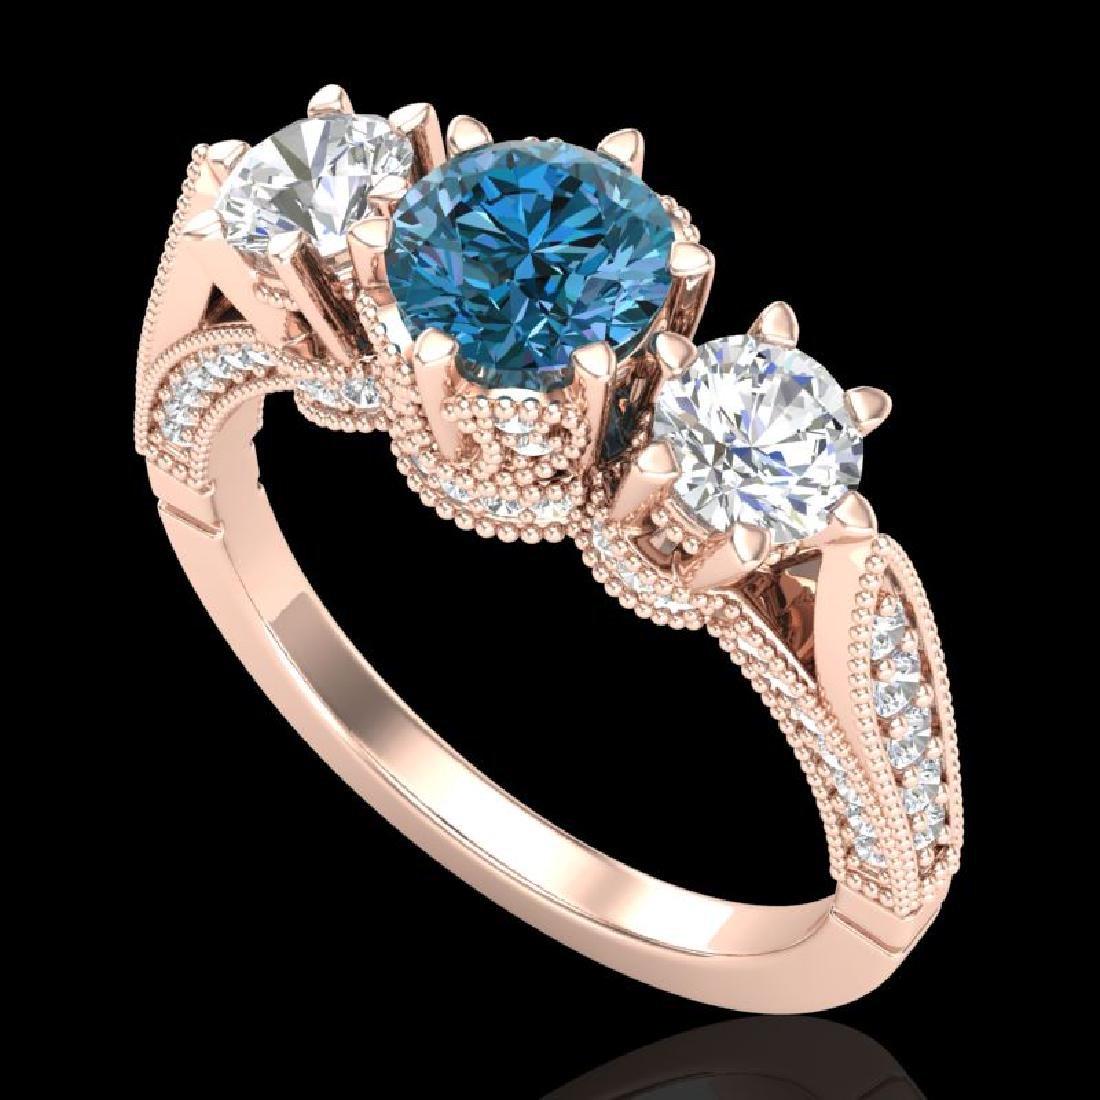 2.18 CTW Intense Blue Diamond Solitaire Art Deco 3